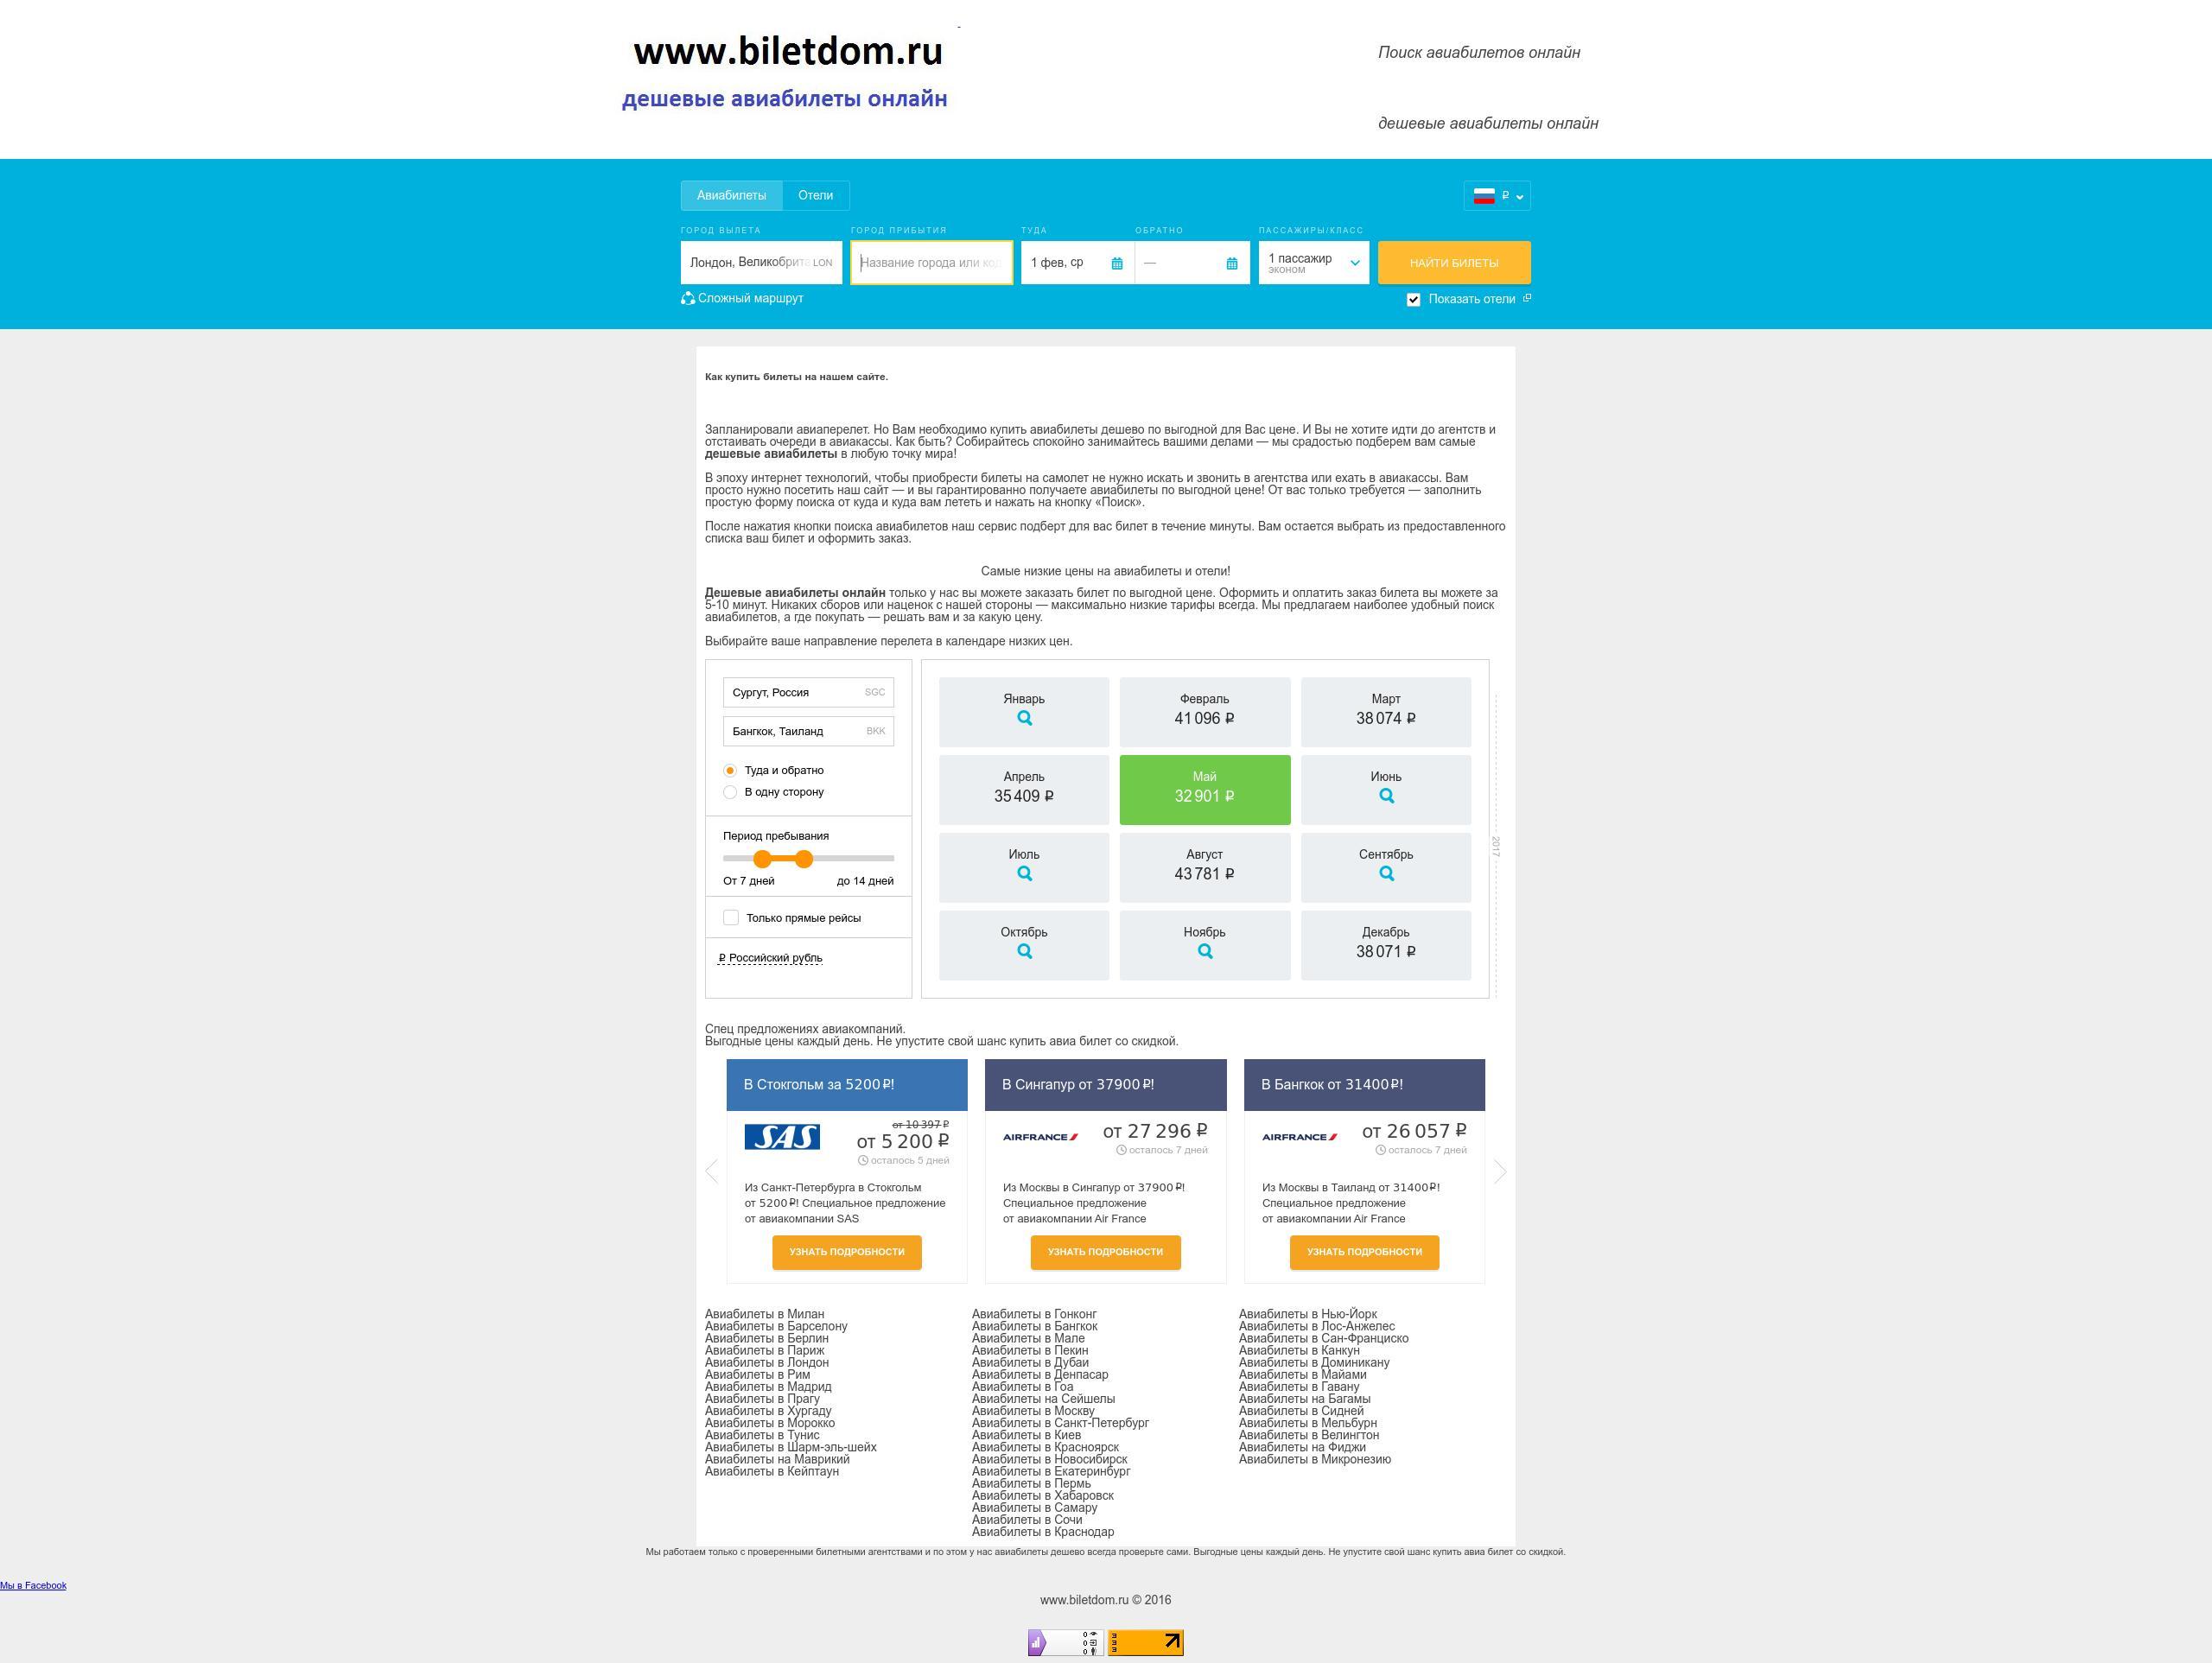 Купить дешевые авиабилеты онлайн билеты на самолет дешево